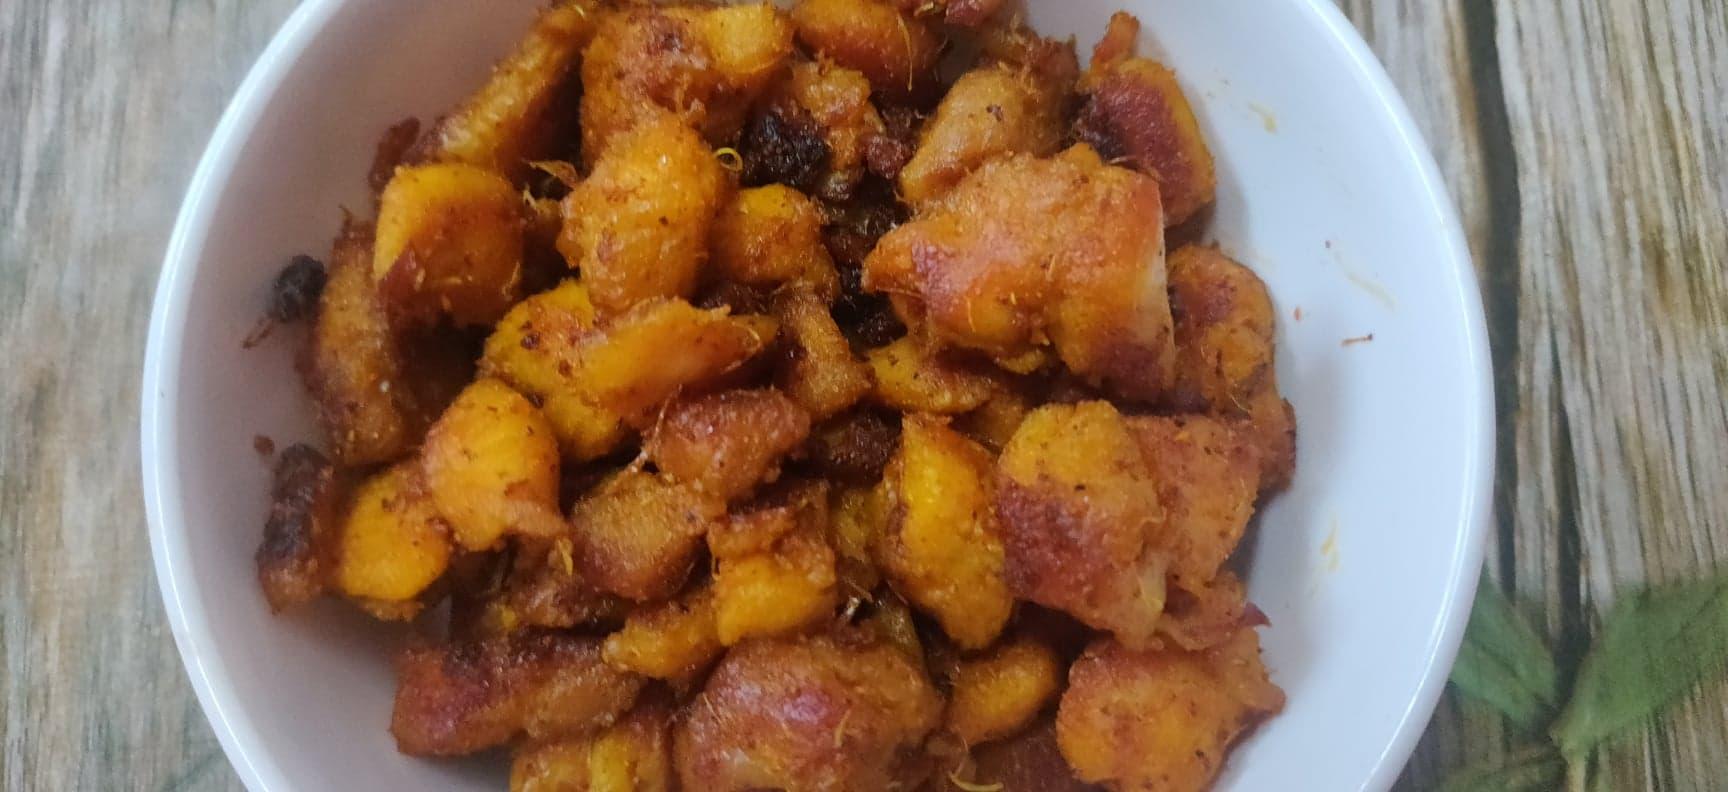 Chicken_bites - 182105463_518839709270995_7558232706578819626_n